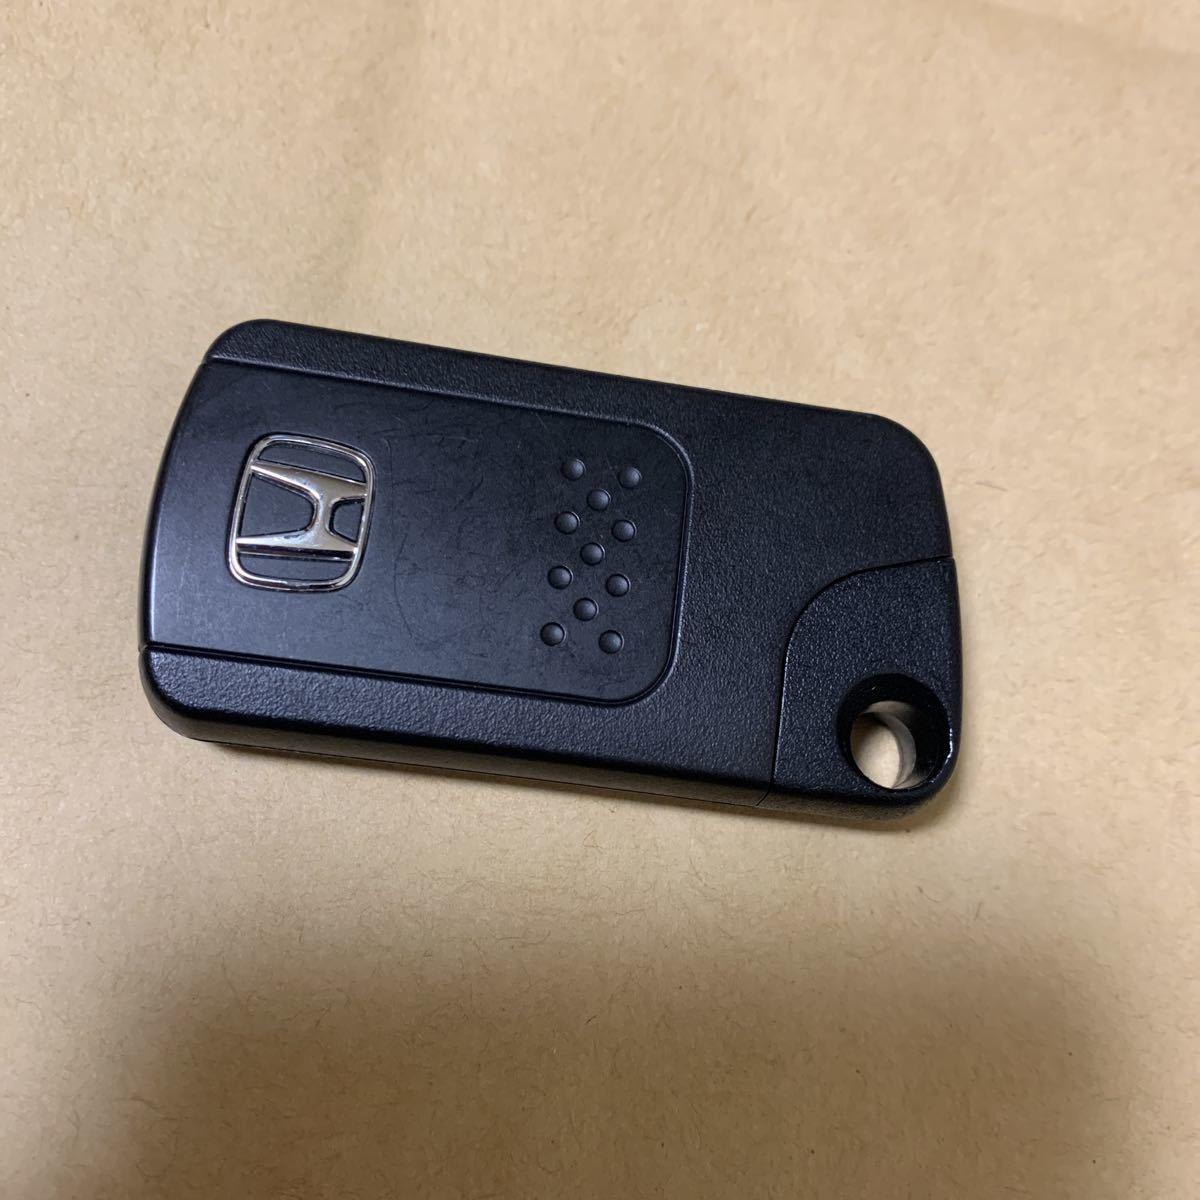 送料無料☆ホンダ RK ステップワゴン スパーダ スマートキー 両側パワースライドドア 4ボタン/72147-SZW-J72 超美品   1_画像4